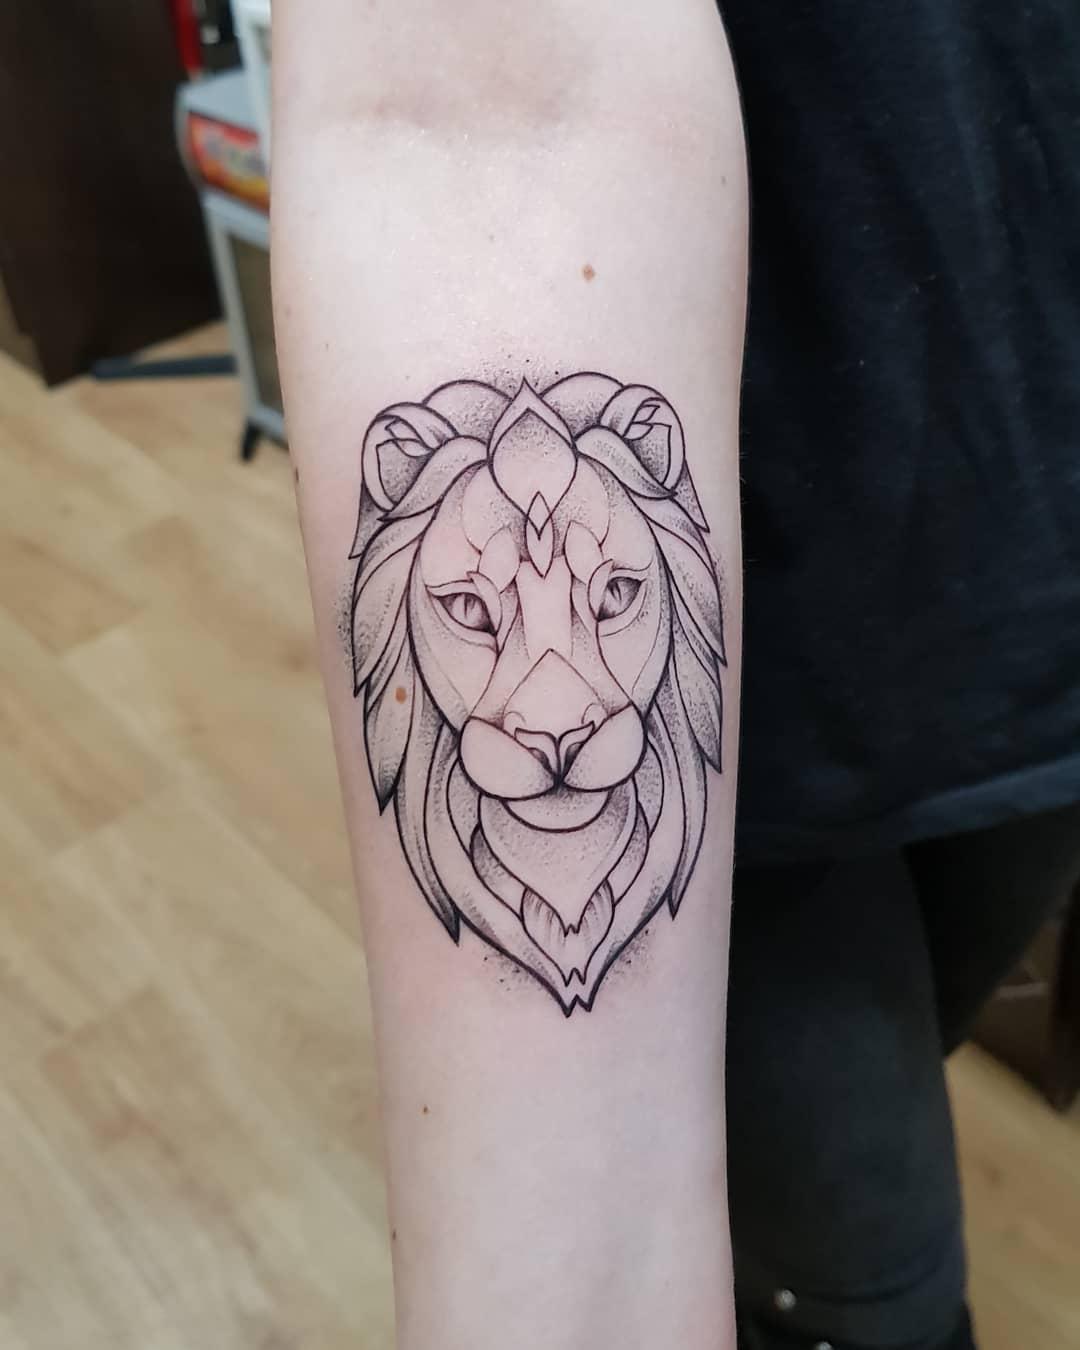 沈阳城中艺景做营养师的武先生小臂狮子纹身图案